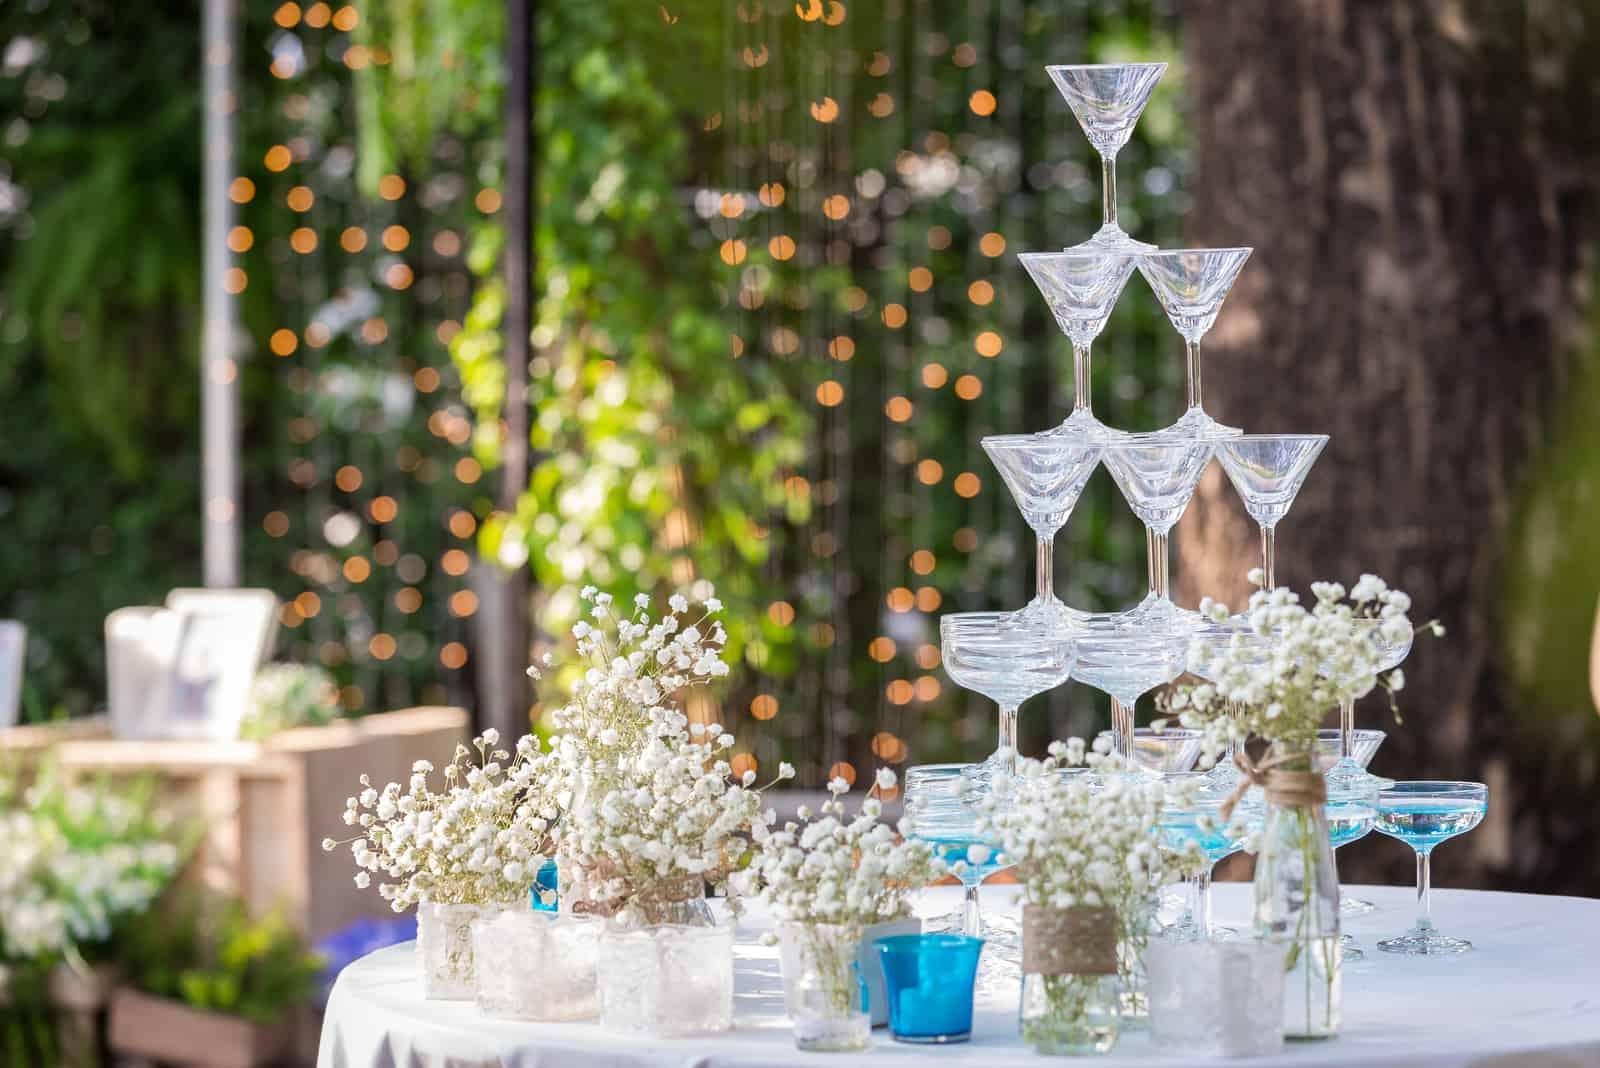 eine Pyramide von Champagnergläsern bei einer Hochzeit im Garten